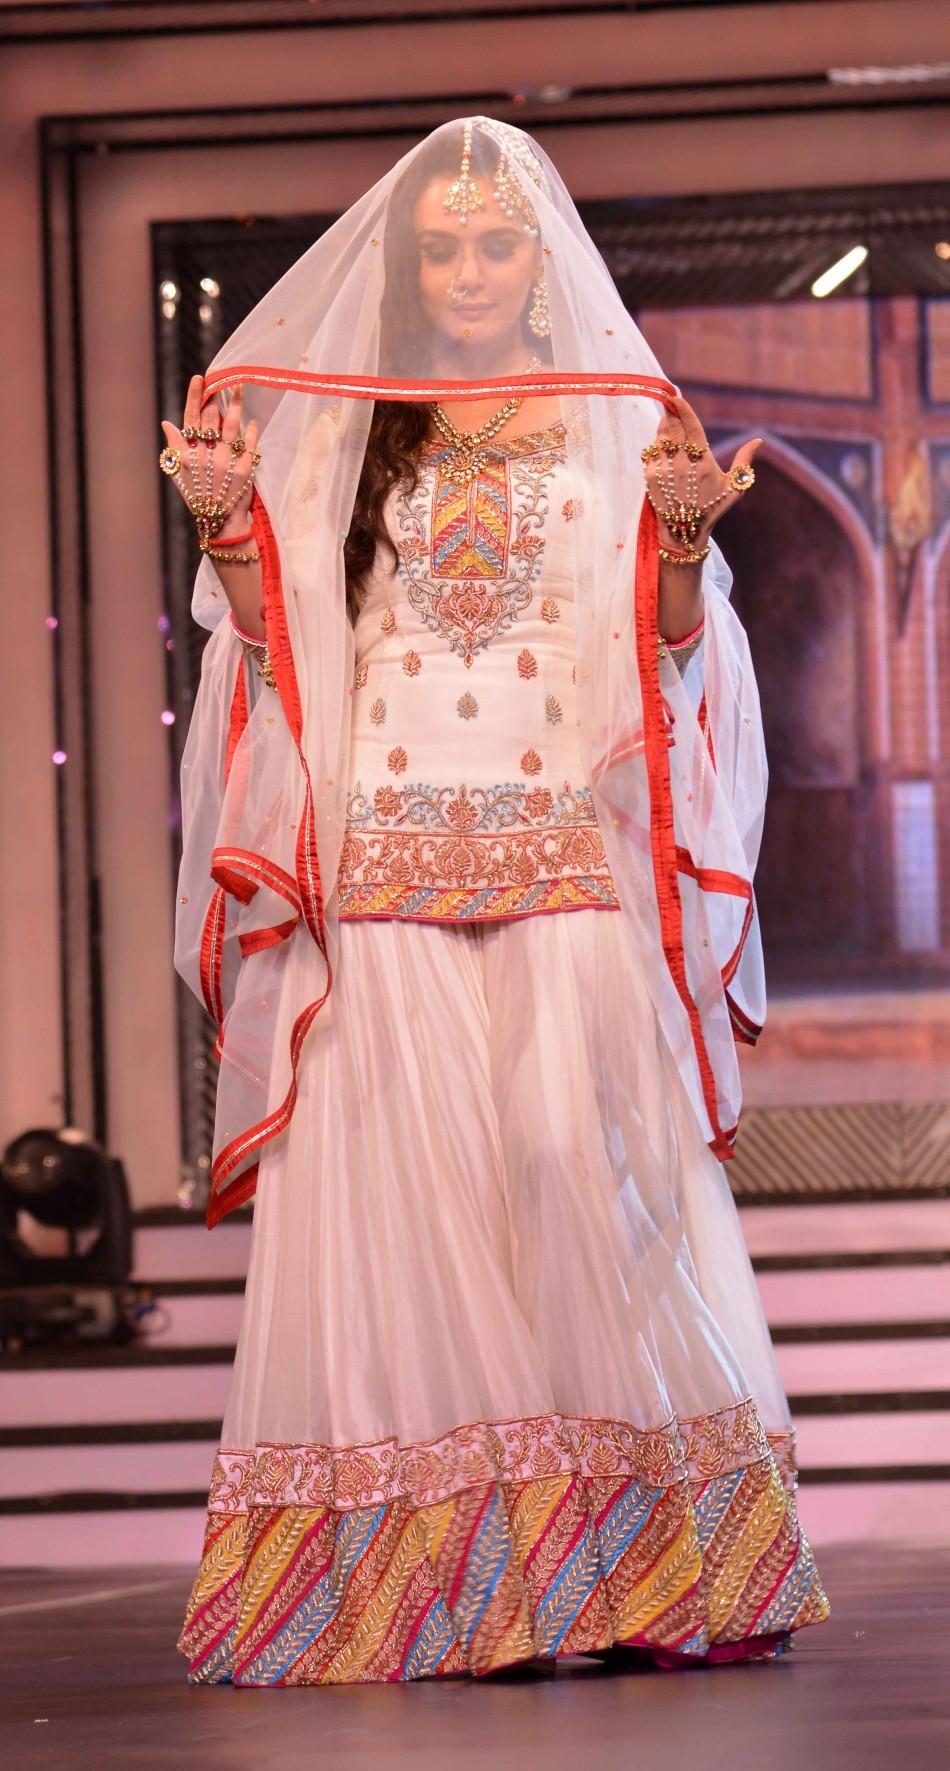 Preity Zinta in her